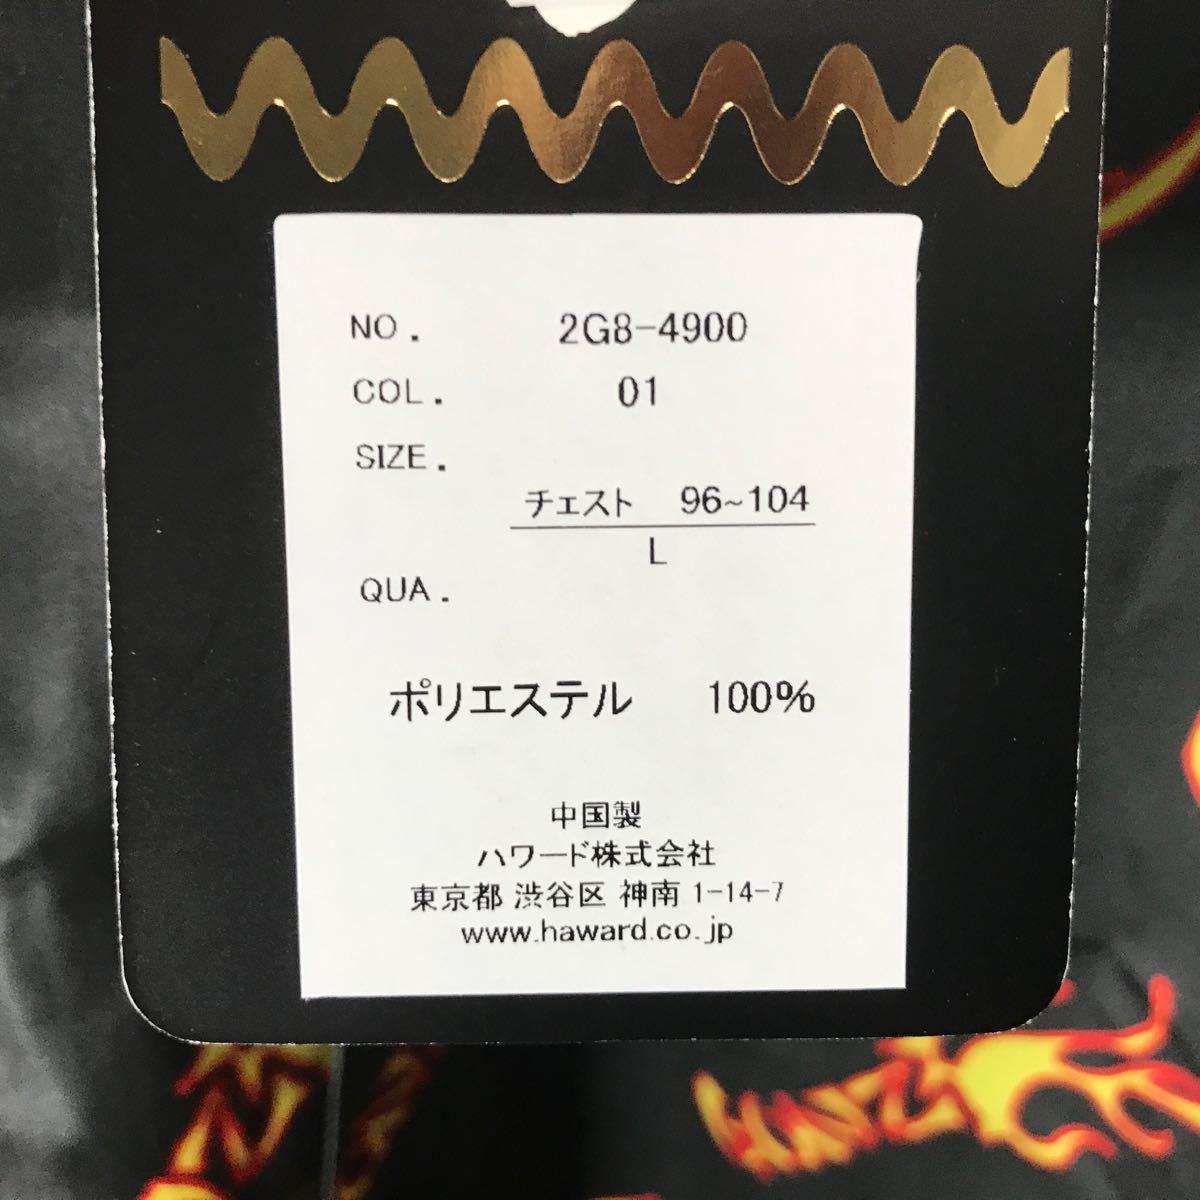 Lサイズ アロハタイプシャツ新品未使用 送料無料 男女兼用のGONZ開襟シャツ